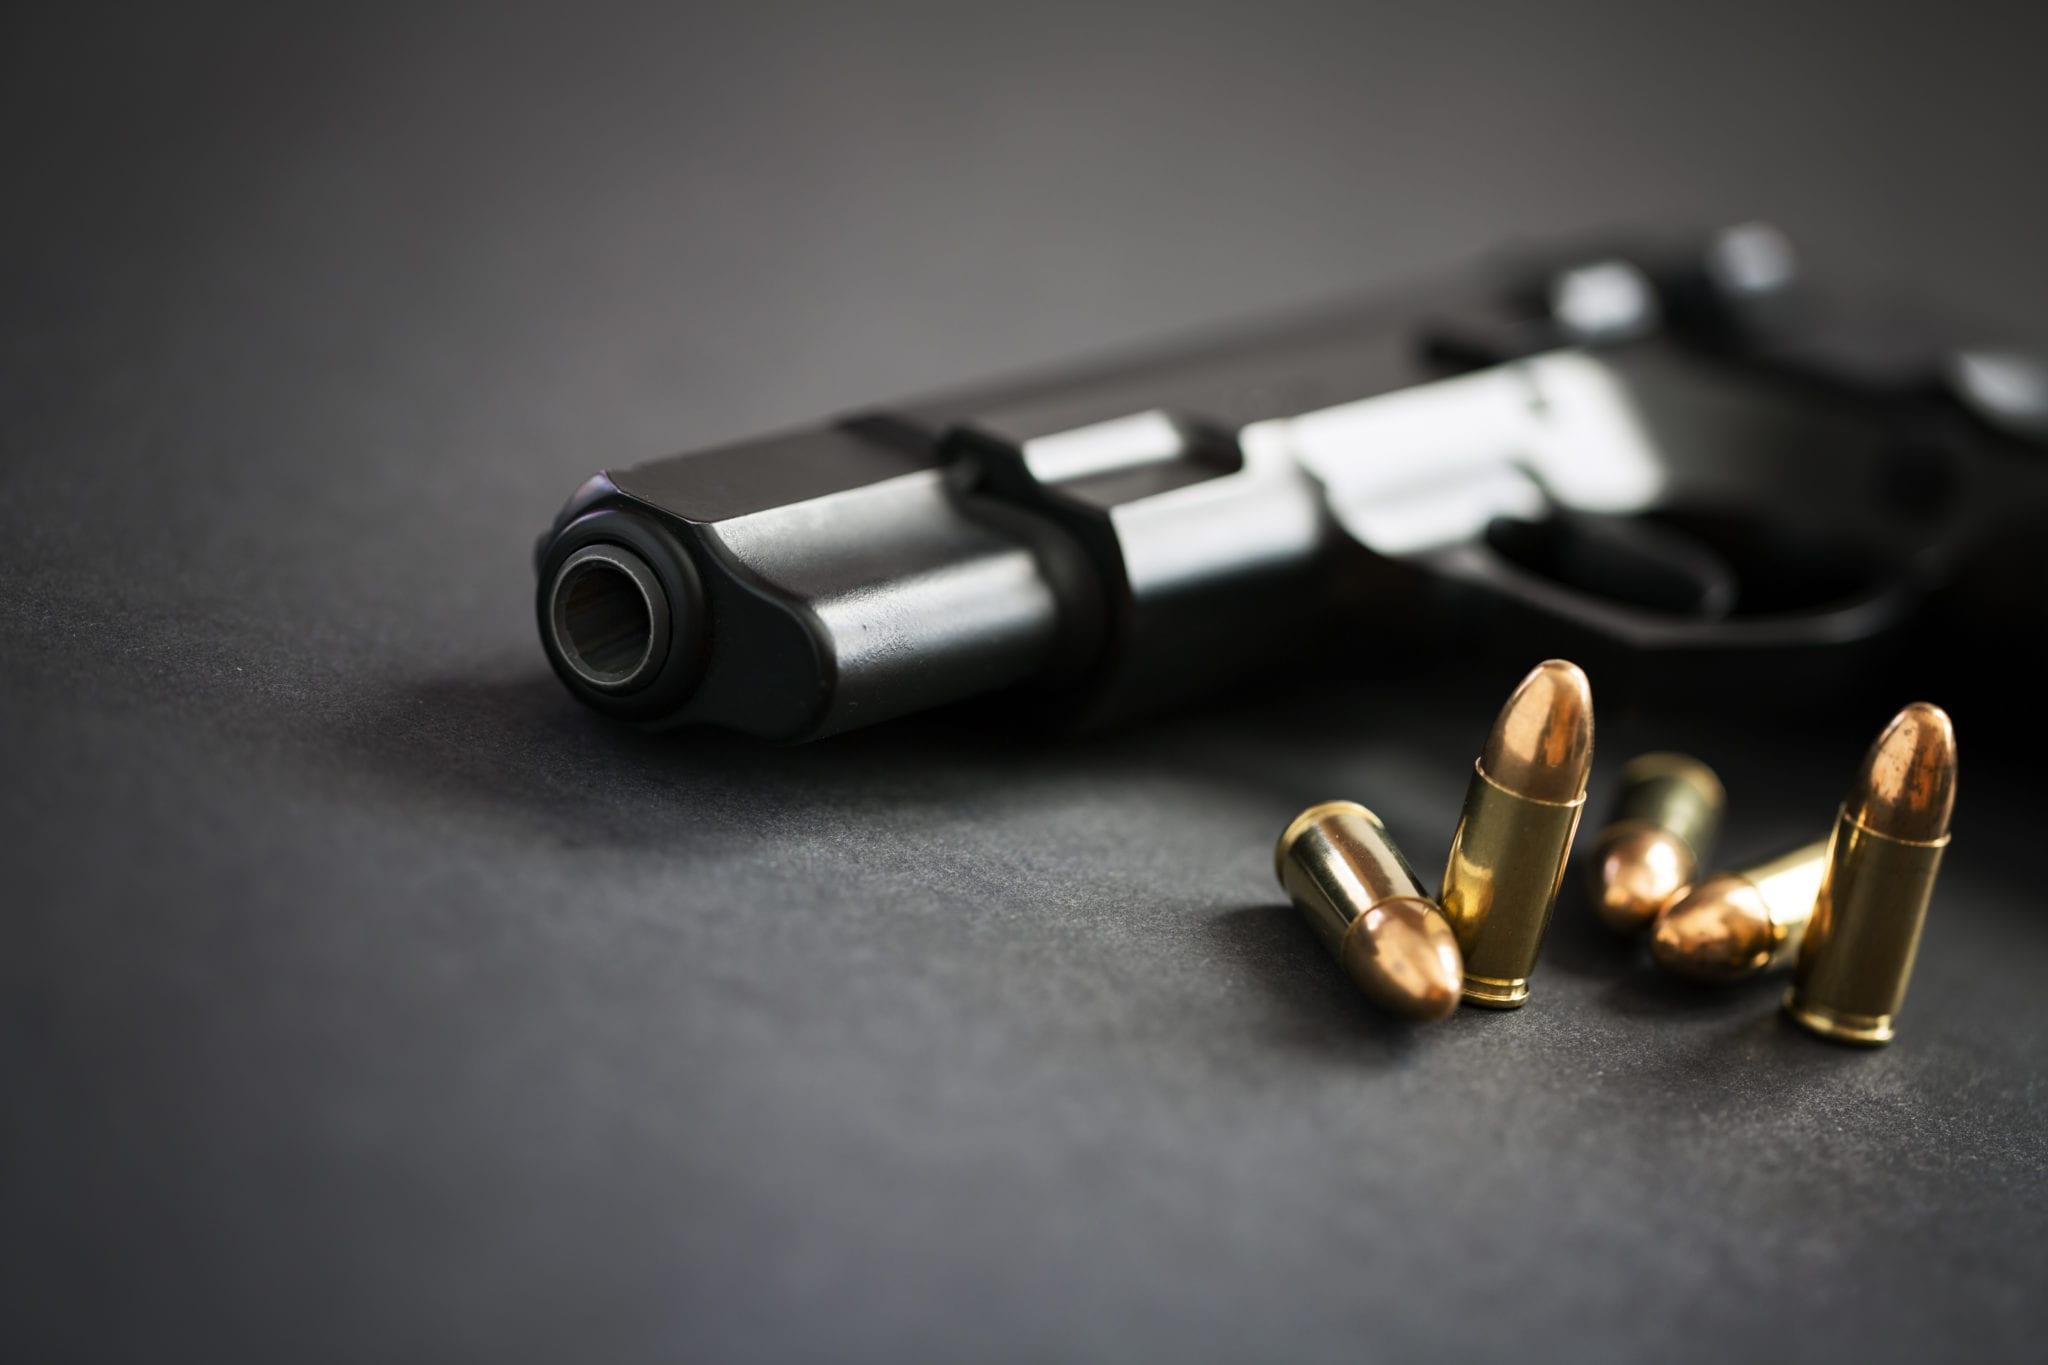 handgun-with-ammunition-PFNUX58